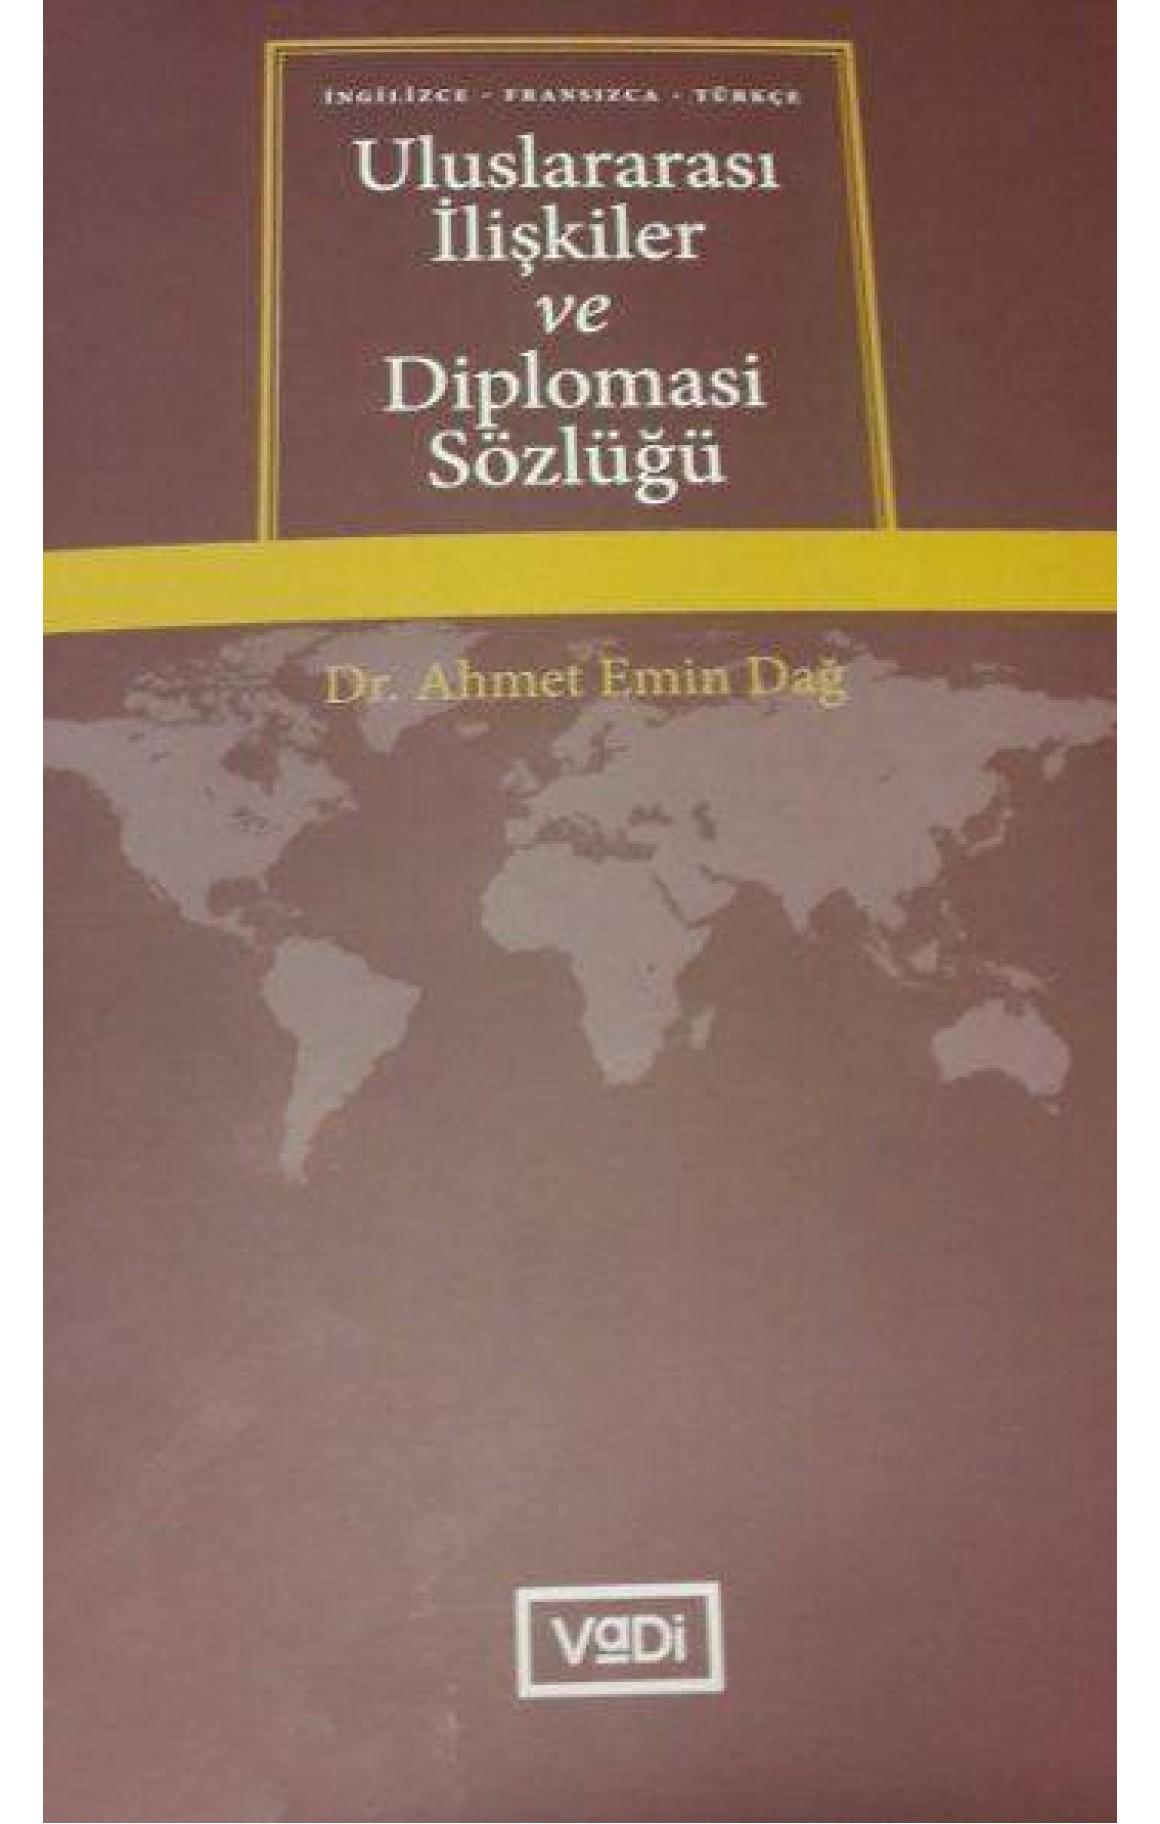 Türkçe  Uluslararası İlişkiler ve Diplomasi Sözlüğü